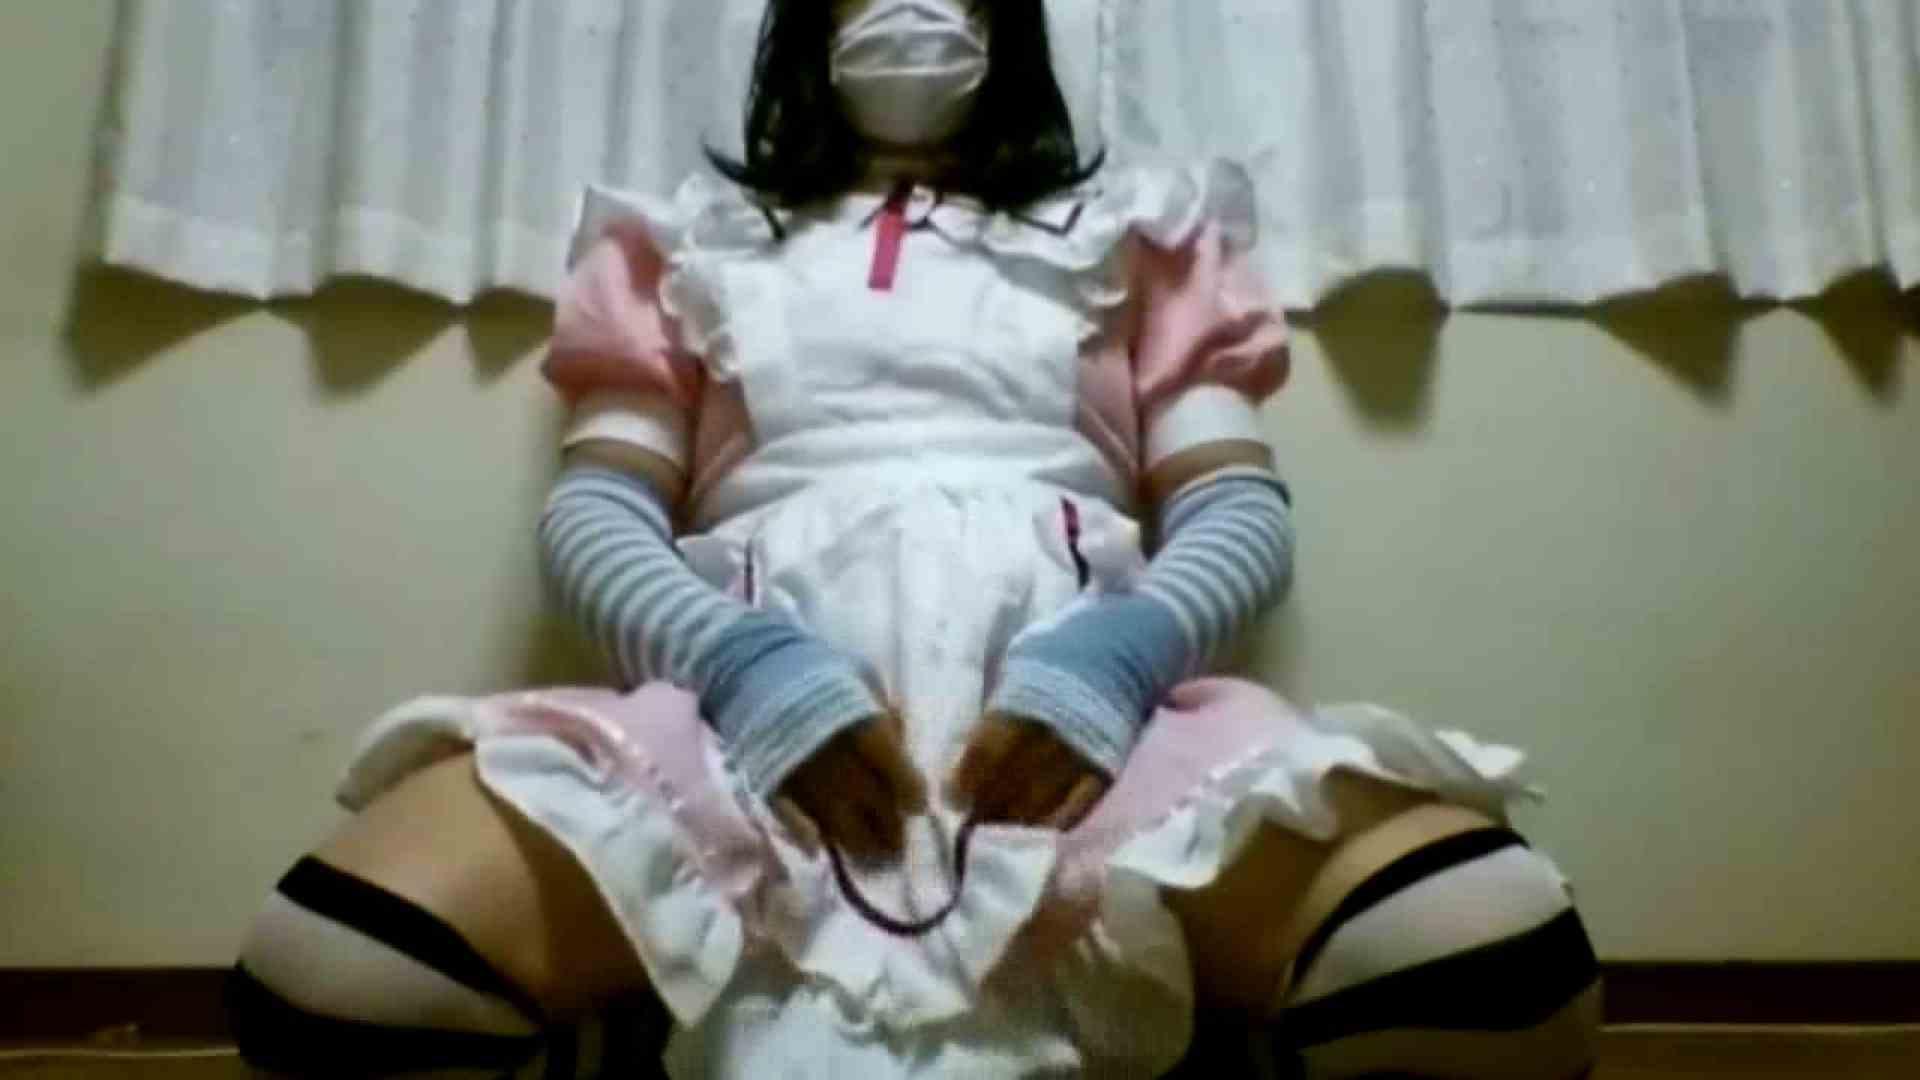 男のKOスプレー!Vol.10 流出作品 ゲイアダルトビデオ画像 73pic 23